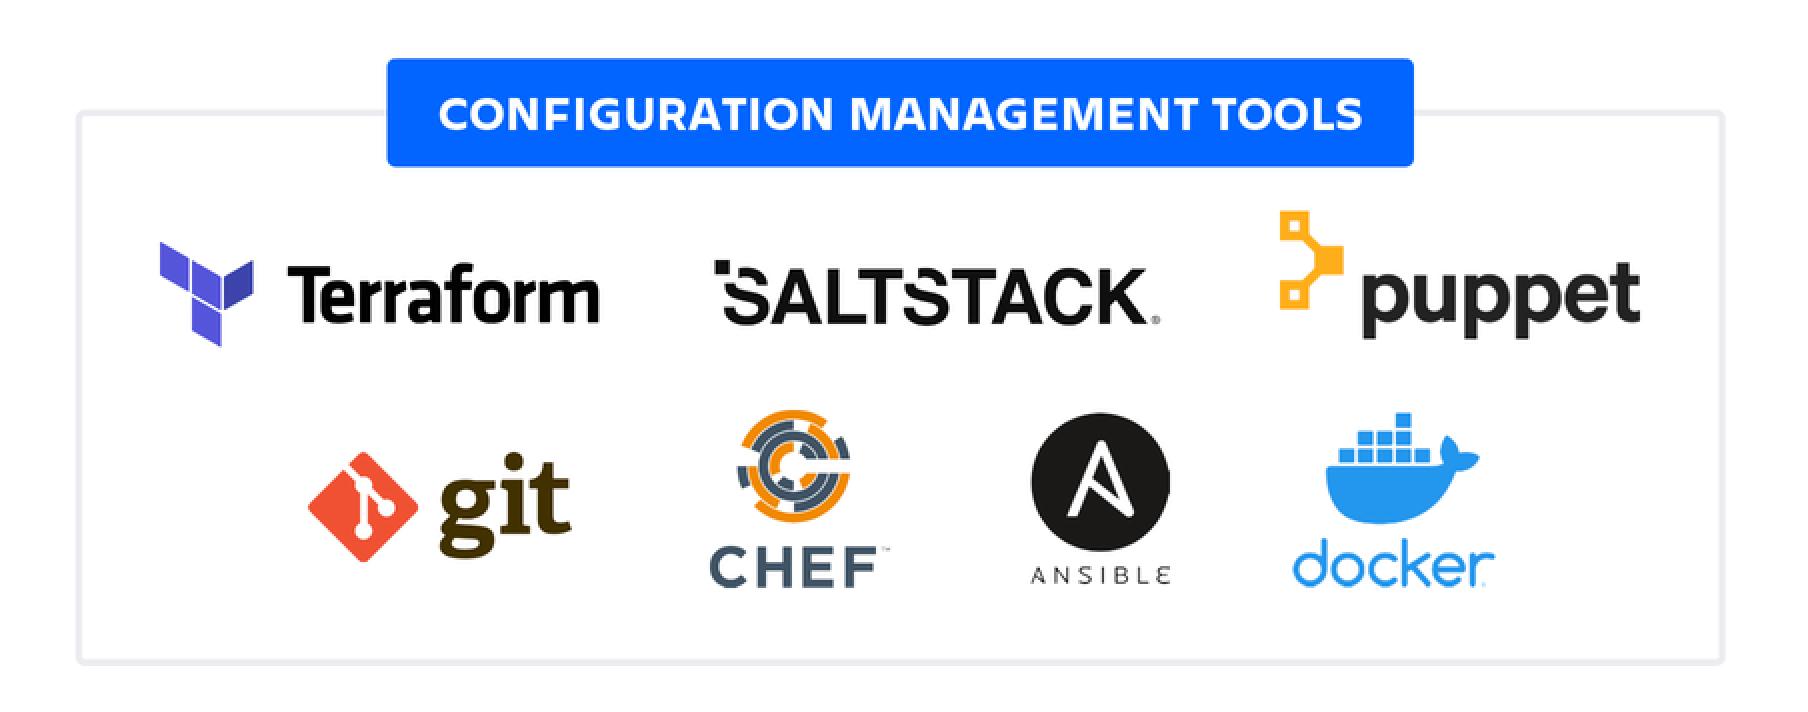 Herramientas de gestión de la configuración